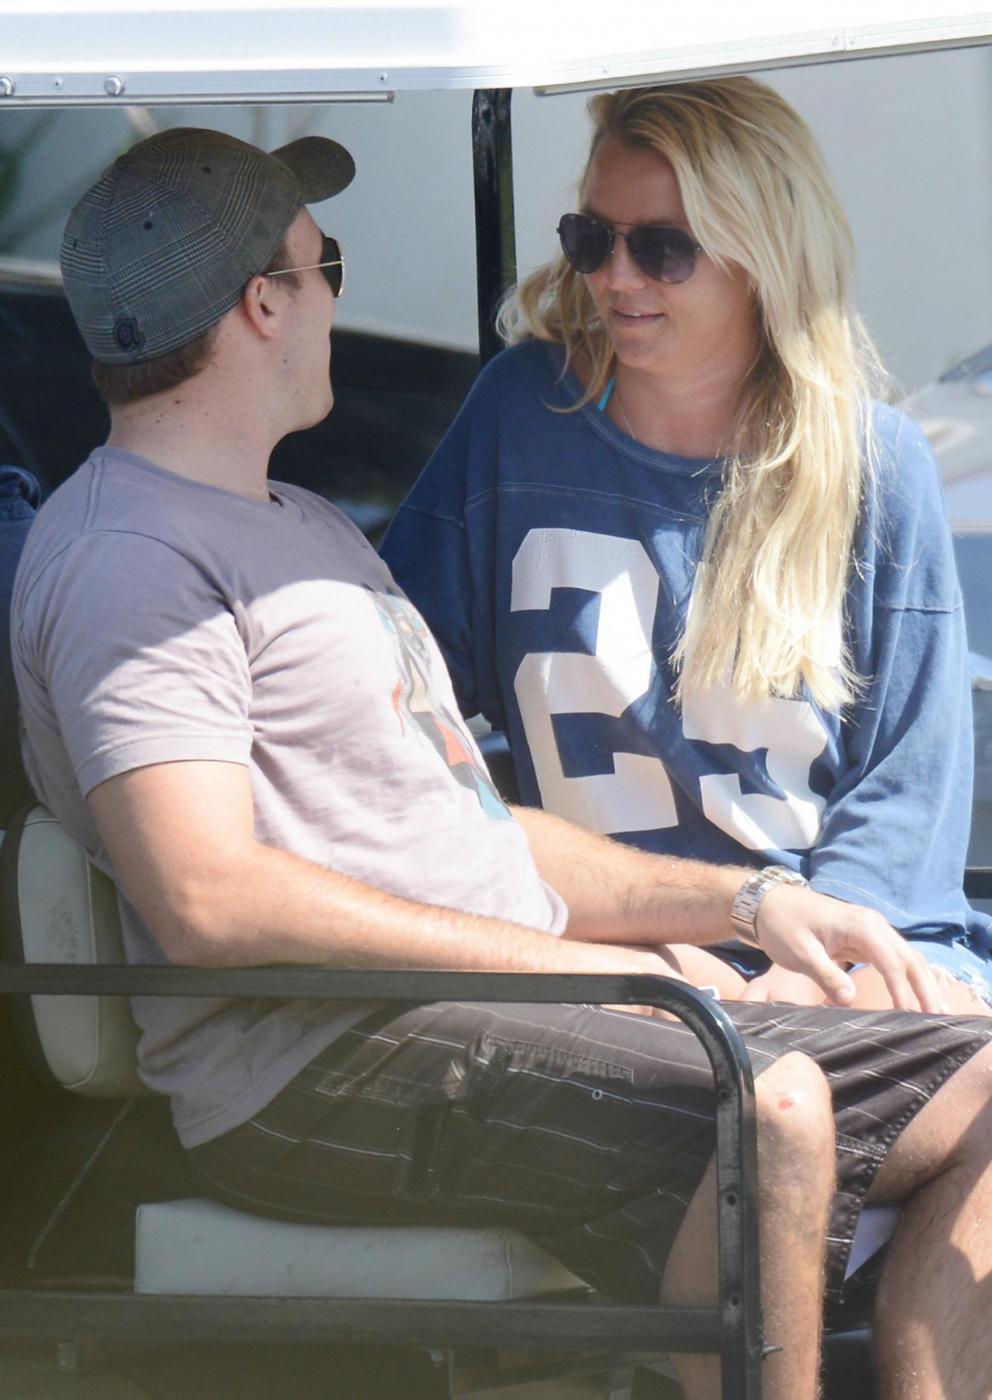 Britney Spears in vacanza con il fidanzato David Lucado07